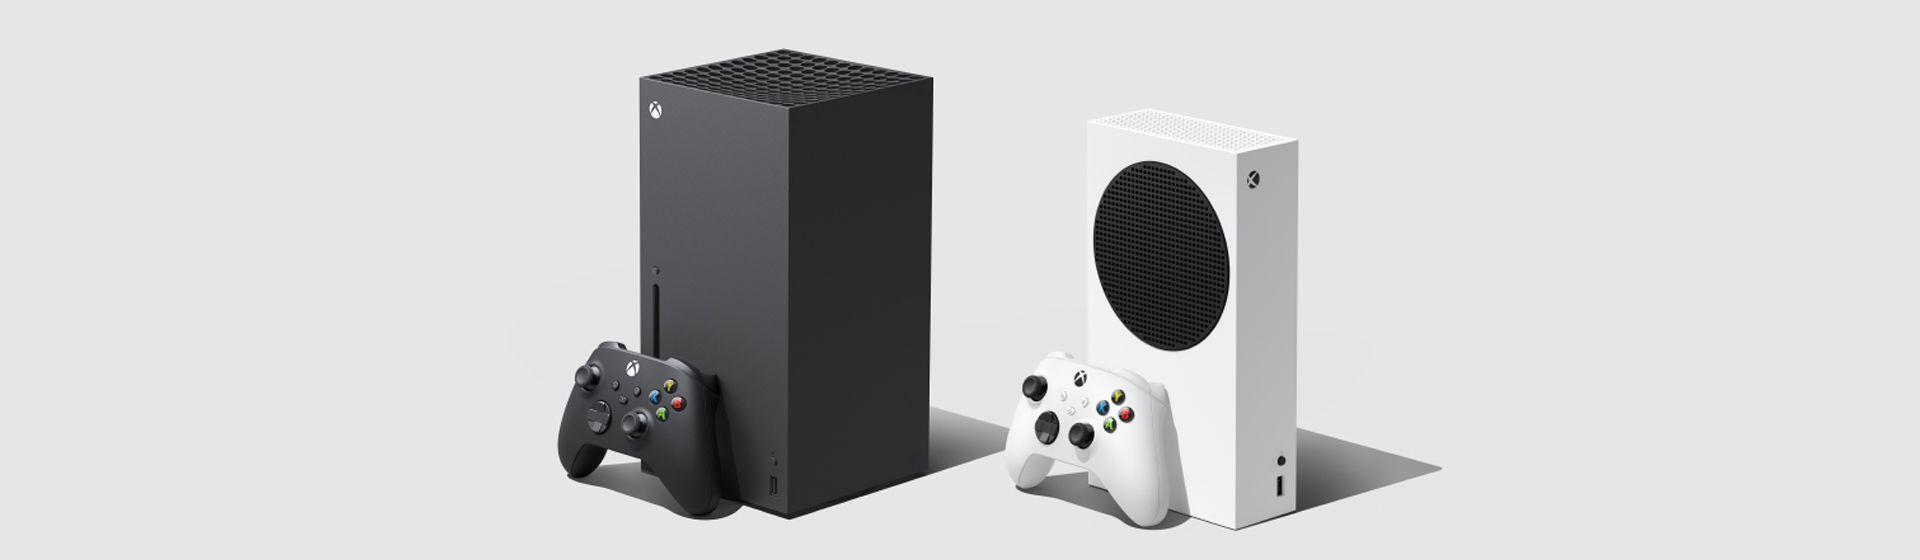 Xbox Series X e S têm preços a partir de R$ 3 mil no lançamento